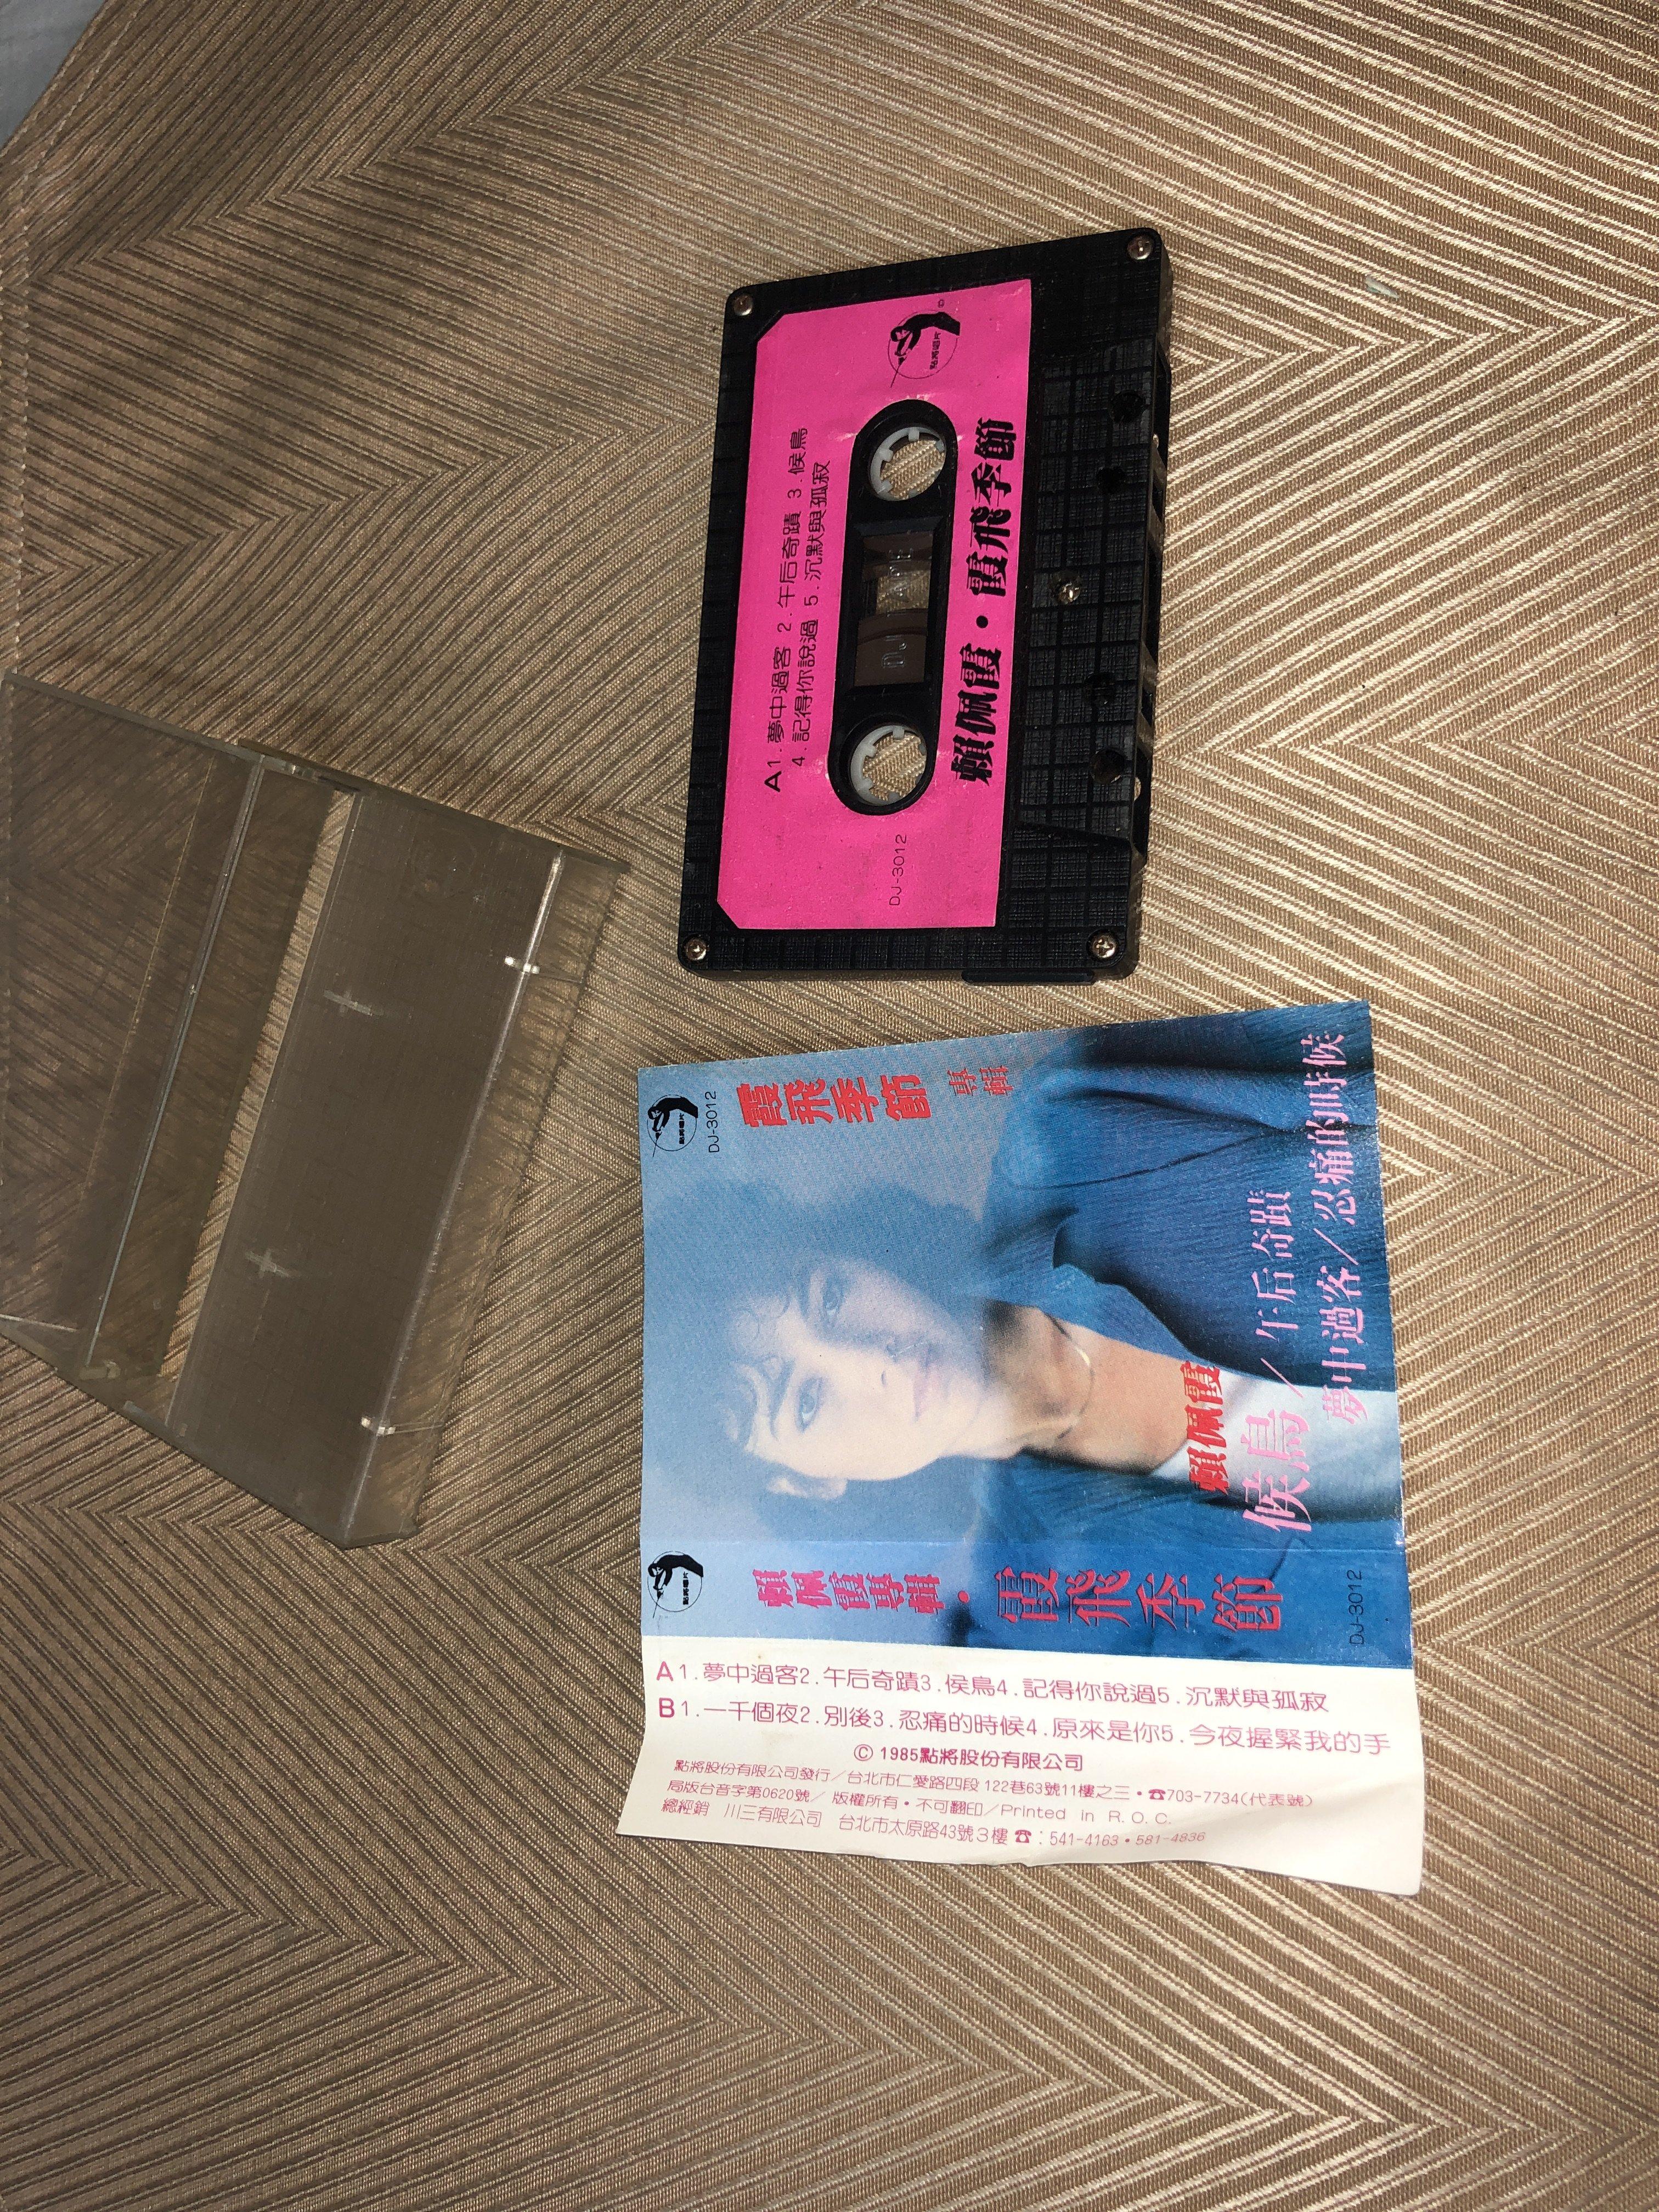 【李歐的音樂】點將唱片1985年 賴佩霞 霞飛季節 夢中過客錄音帶卡帶